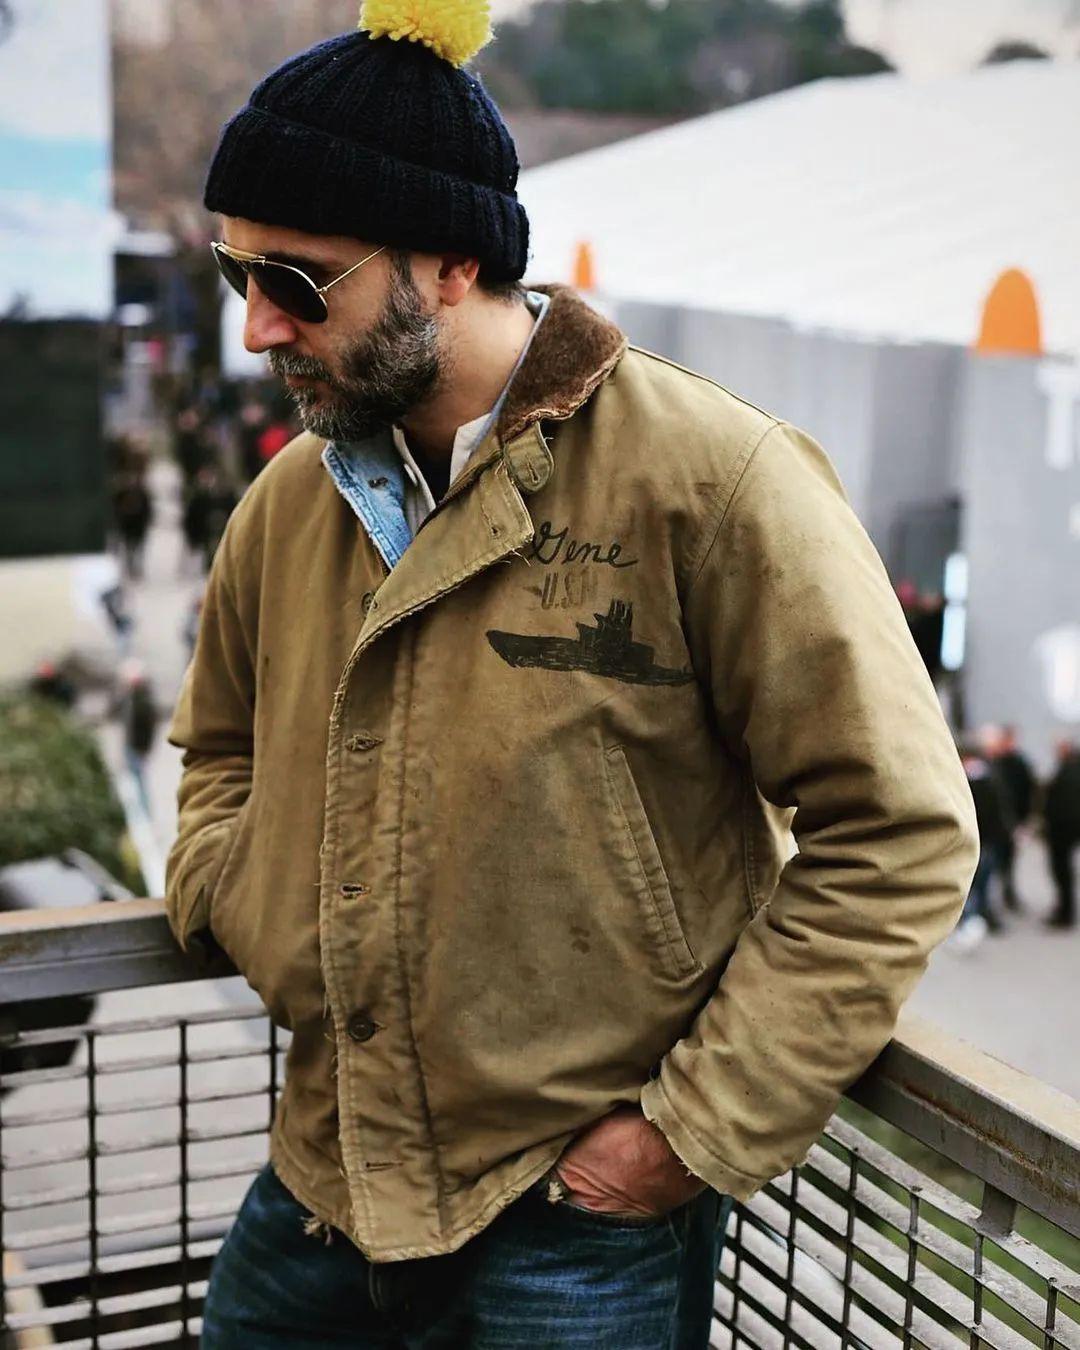 Vintage军品中的宝藏 甲板服为什么是男人的浪漫?